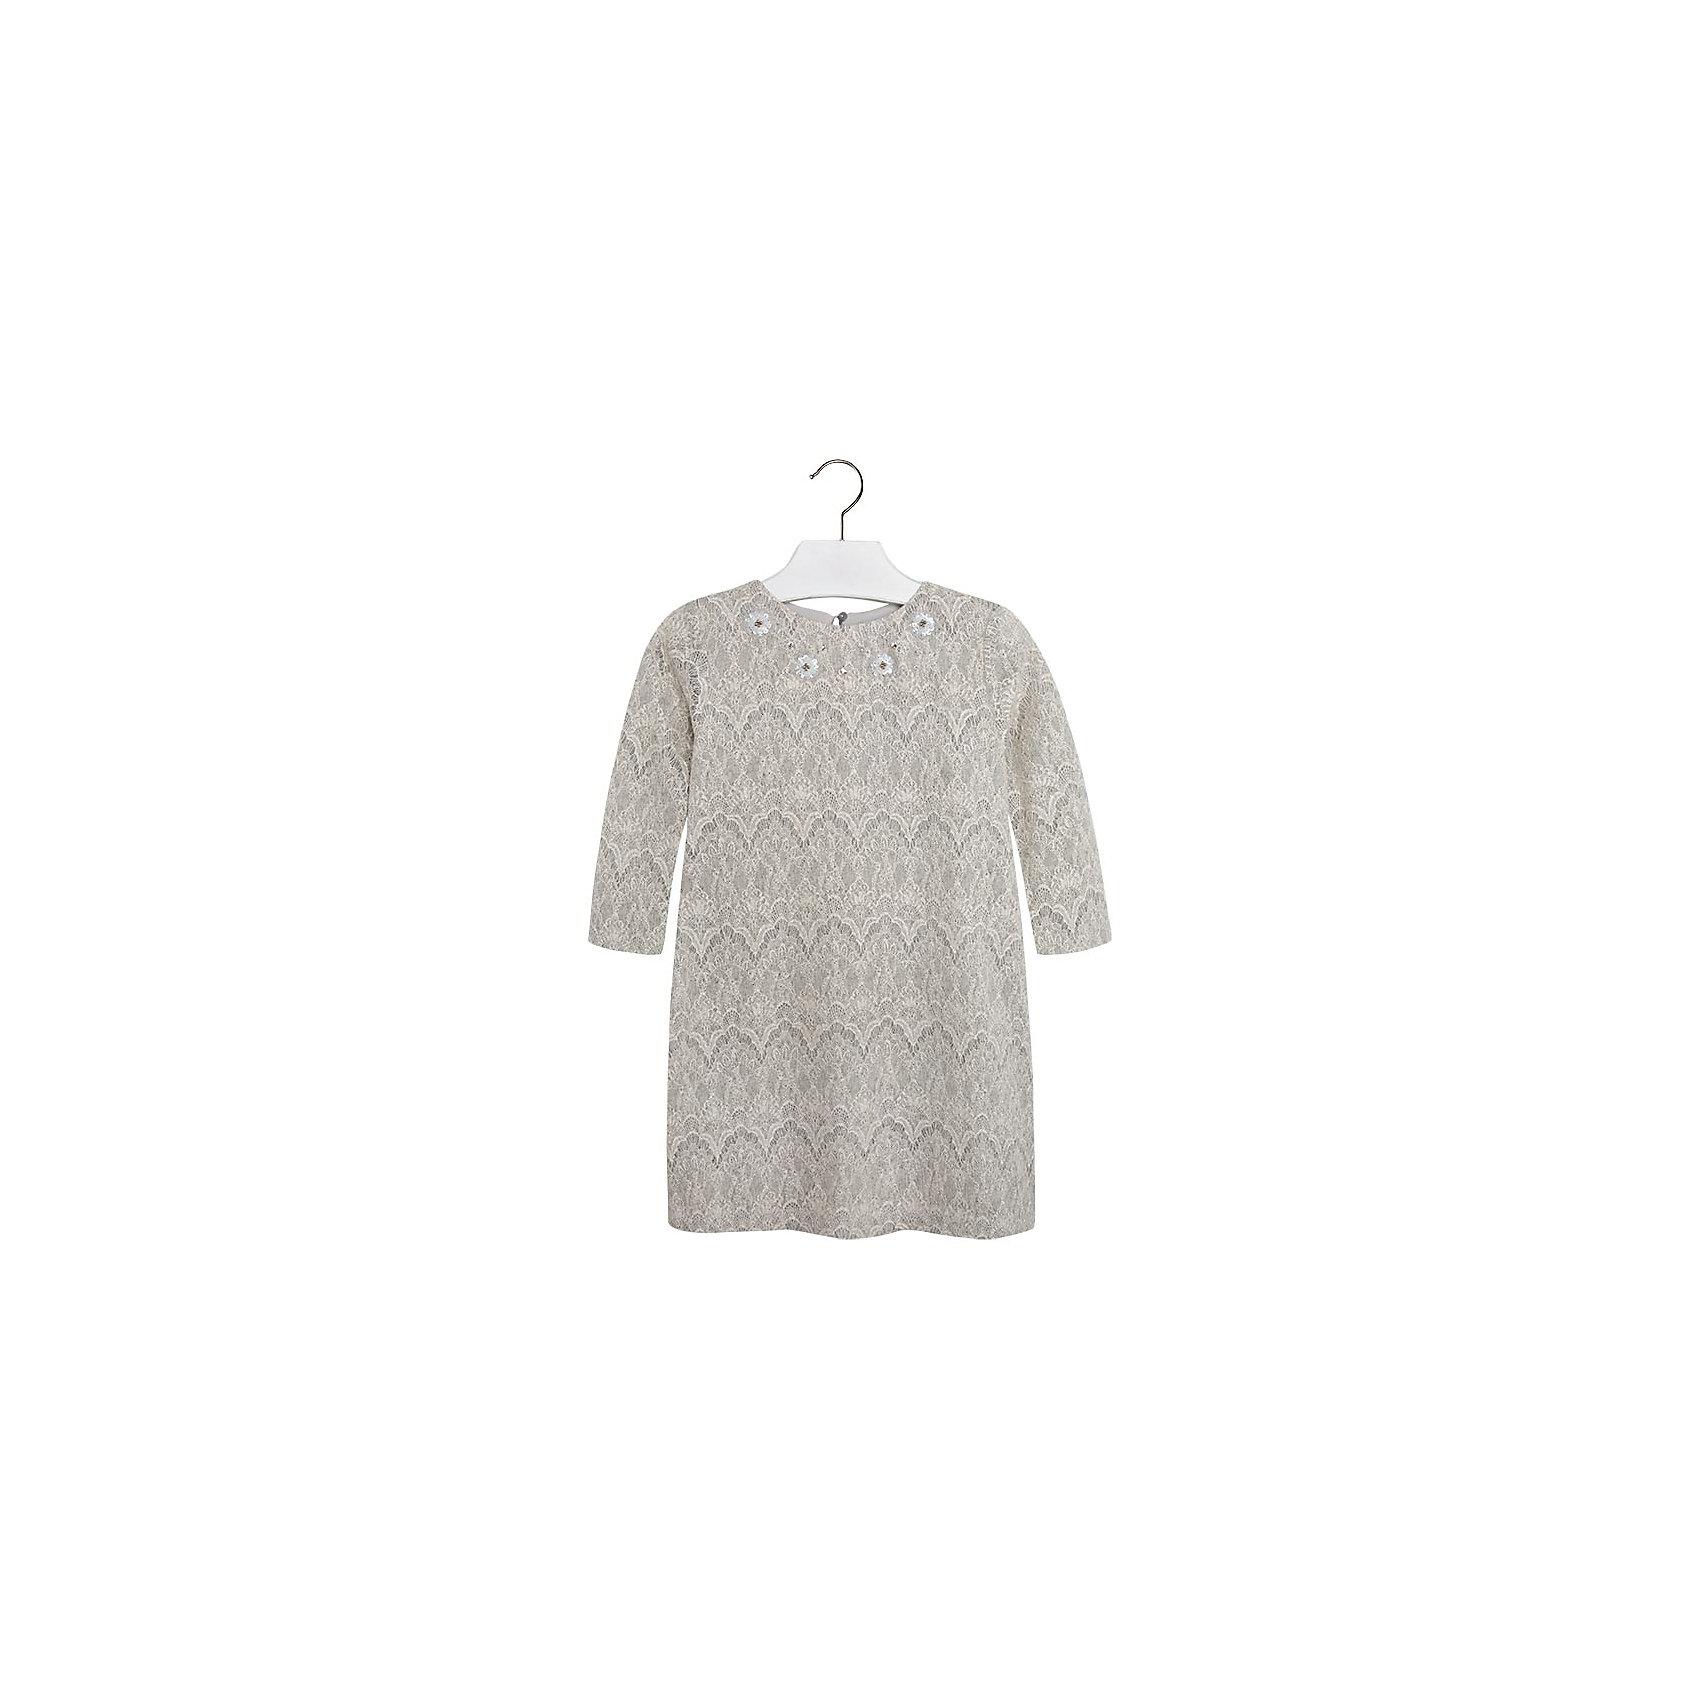 Платье MayoralПлатье для девочки от известной испанской марки Mayoral.<br>Стильное платье от известного бренда Mayoral поможет девочке создать и повседневный, и нарядный образ. Удобный крой и качественный материал обеспечит ребенку комфорт при ношении этой вещи.<br>Модель имеет следующие особенности:<br><br>- цвет – светло-серый;<br>- полочка и рукава - из нежного гипюра;<br>- впереди украшено пайетками и бусинами;<br>- материал эластичный;<br>- сзади застегивается на пуговицу.<br><br>Состав: верх 35% полиамид, 25% акрил, 23% хлопок, 17% полиэстер; подкладка - 100% полиэстер<br>Уход за изделием:<br><br>• стирка в машине при температуре до 30°С,<br>• не отбеливать,<br>• гладить на низкой температуре.<br><br>Платье для девочки Mayoral (Майорал) можно купить в нашем магазине.<br><br>Ширина мм: 236<br>Глубина мм: 16<br>Высота мм: 184<br>Вес г: 177<br>Цвет: белый<br>Возраст от месяцев: 84<br>Возраст до месяцев: 96<br>Пол: Женский<br>Возраст: Детский<br>Размер: 128,152,158,164,140<br>SKU: 4190468